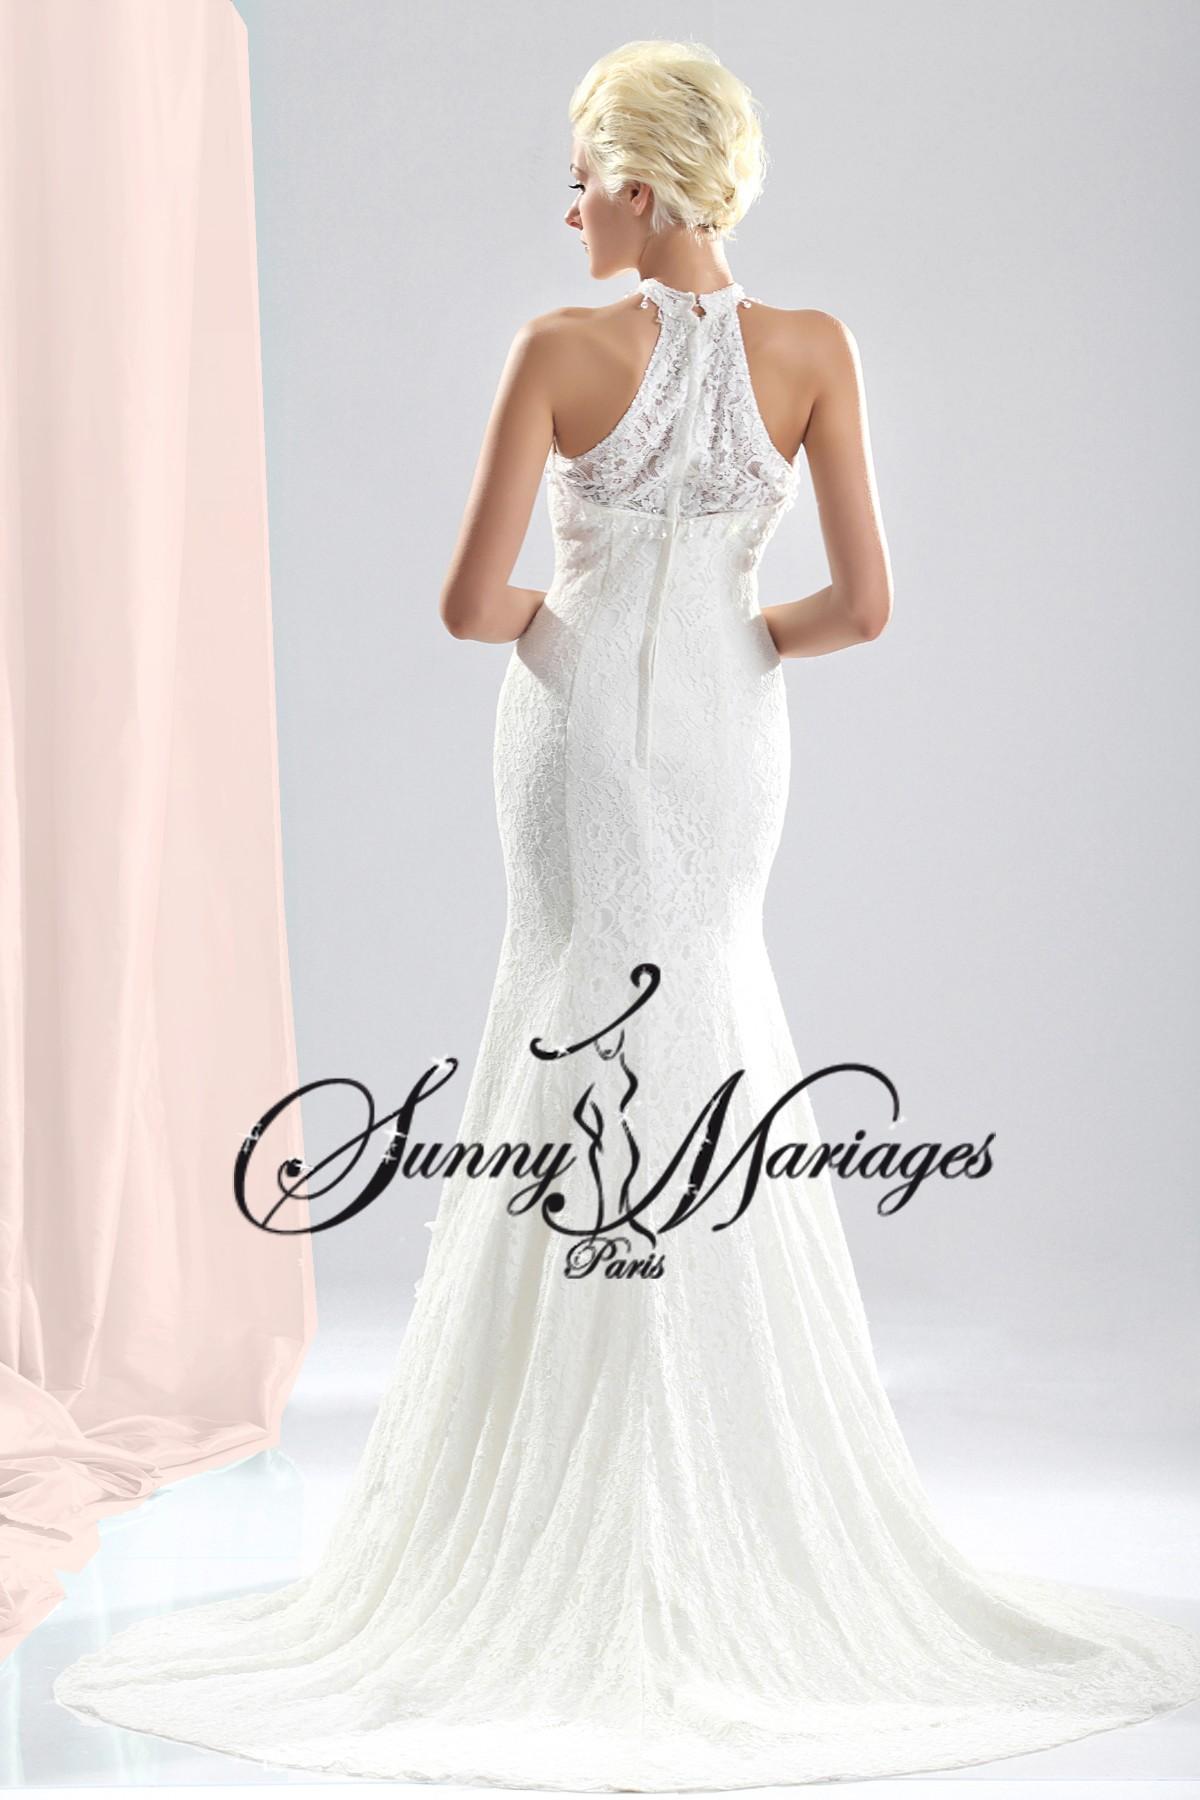 robe de mariage en dentelle SUNNYMARIAGES 599€ Sur mesures, sur ...